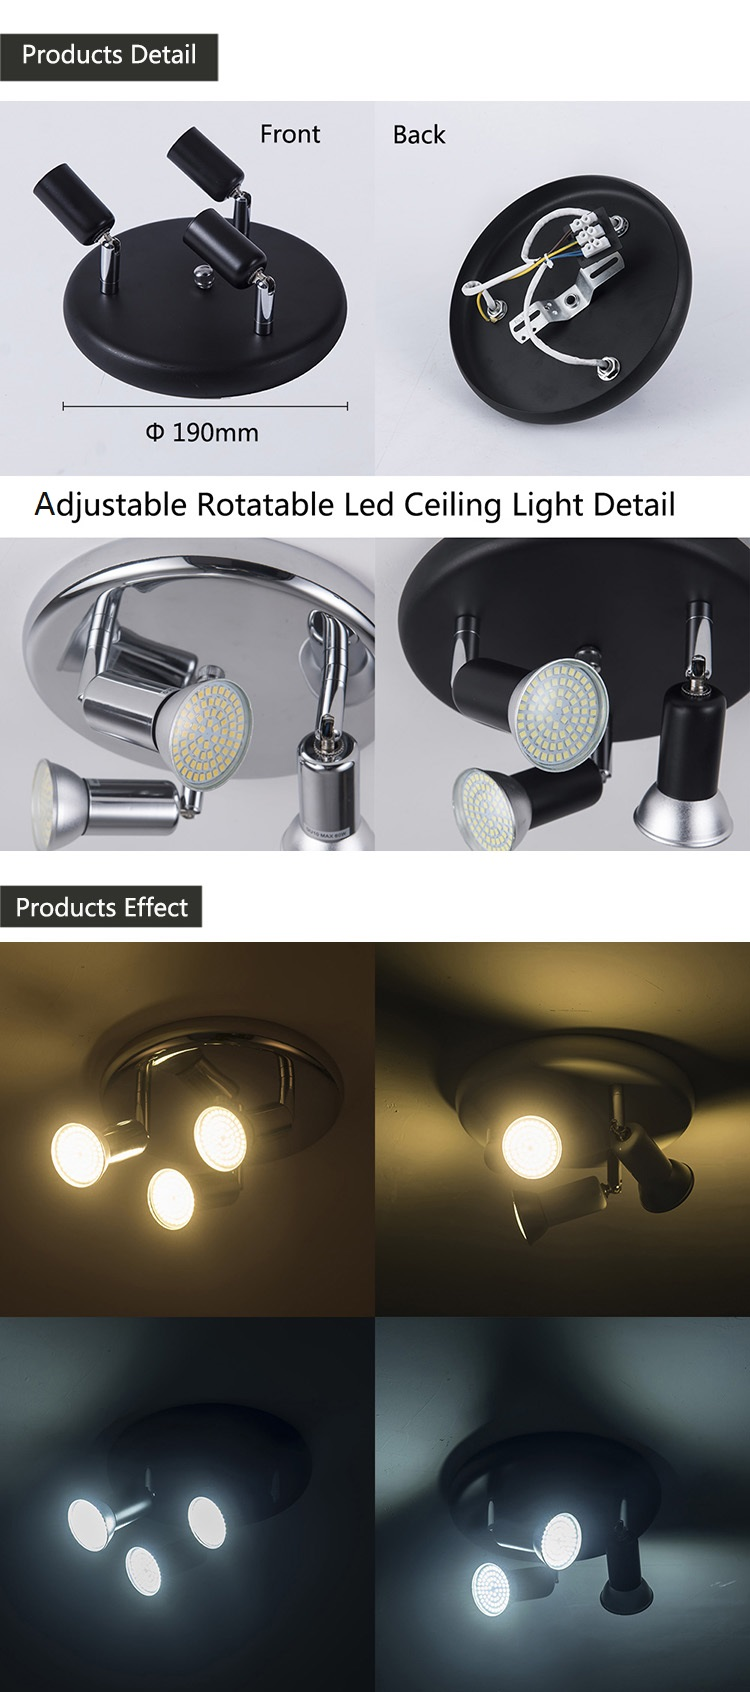 HTB1.0uJKIfpK1RjSZFOq6y6nFXab Adjustable led Ceiling light 3 heads rotatable showcase corridor ceiling lamp Modern living room bedroom kitchen spot lighting